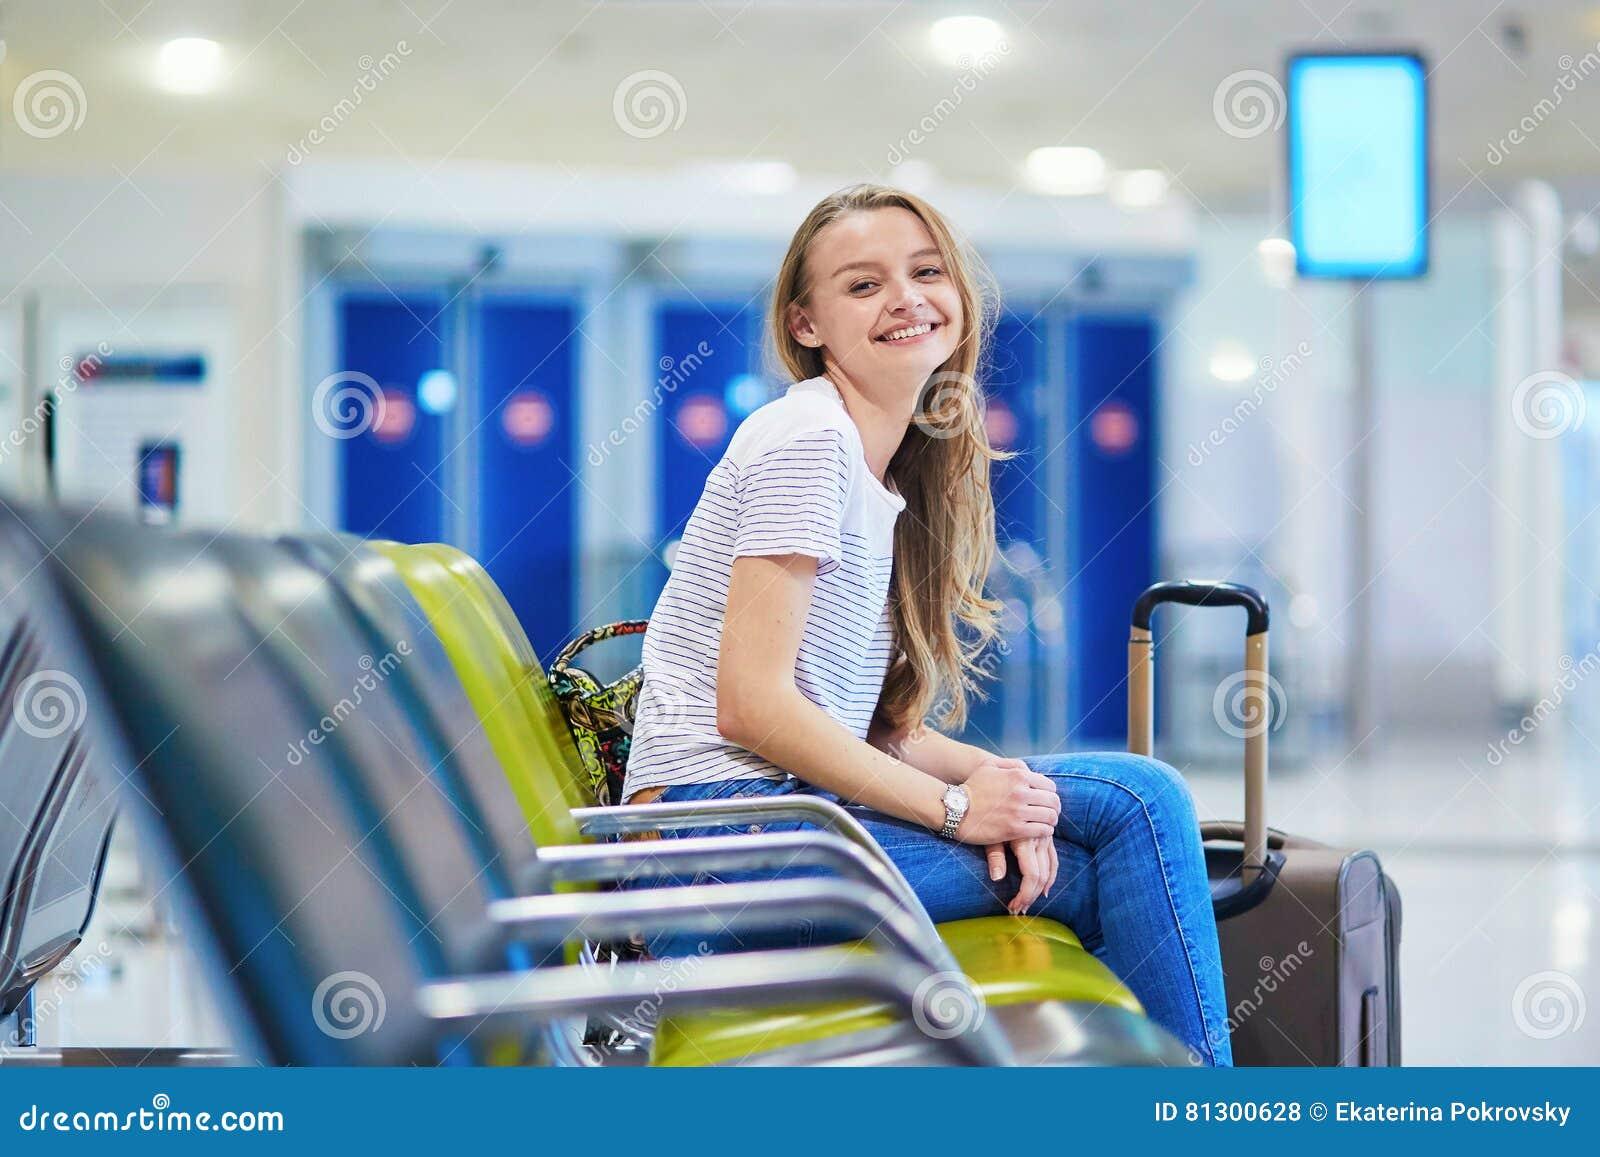 有背包的美丽的年轻旅游女孩和在国际机场继续行李